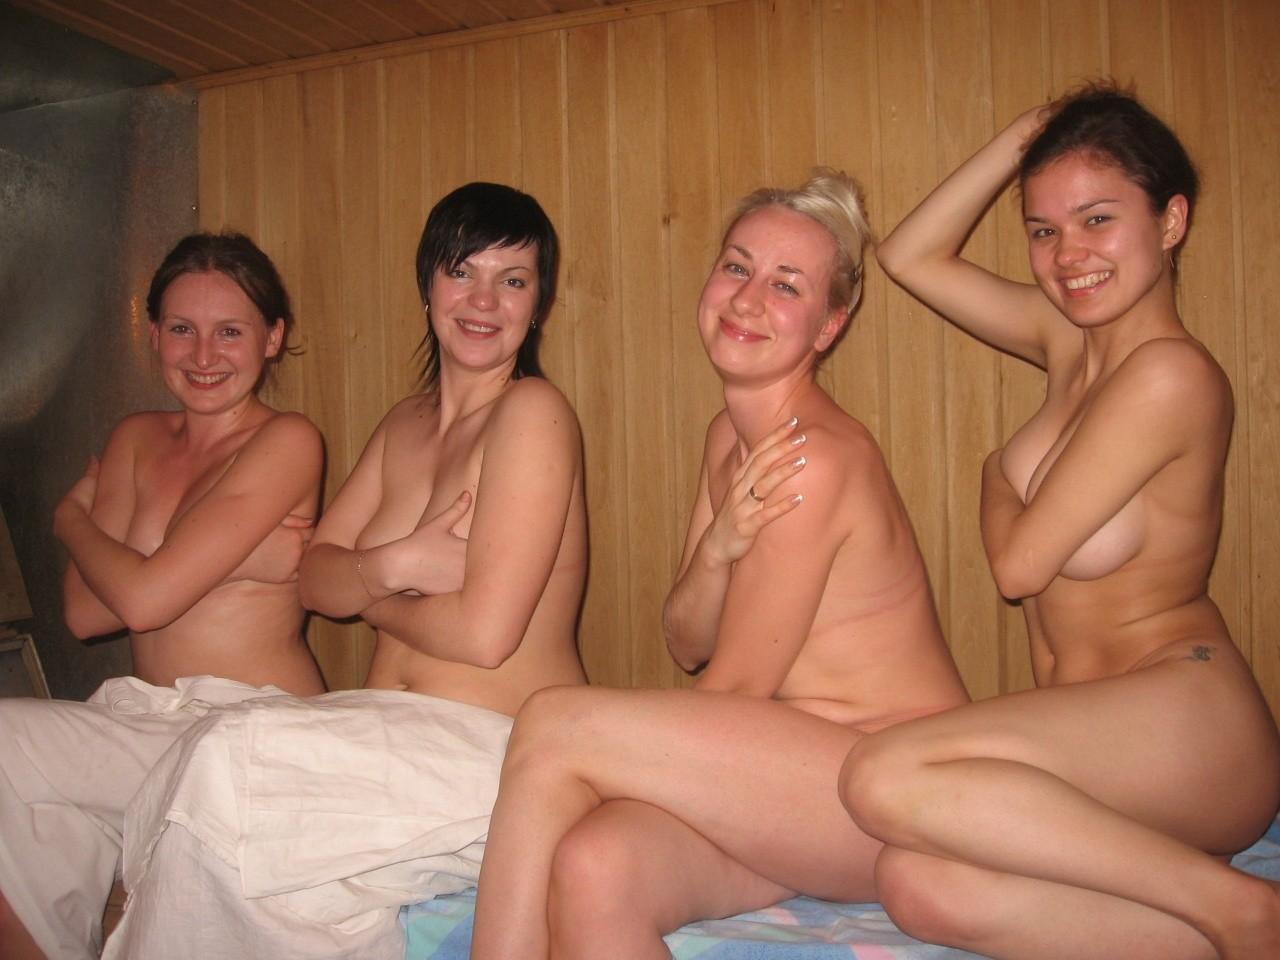 Смотреть пригласили в баню эротику 24 фотография